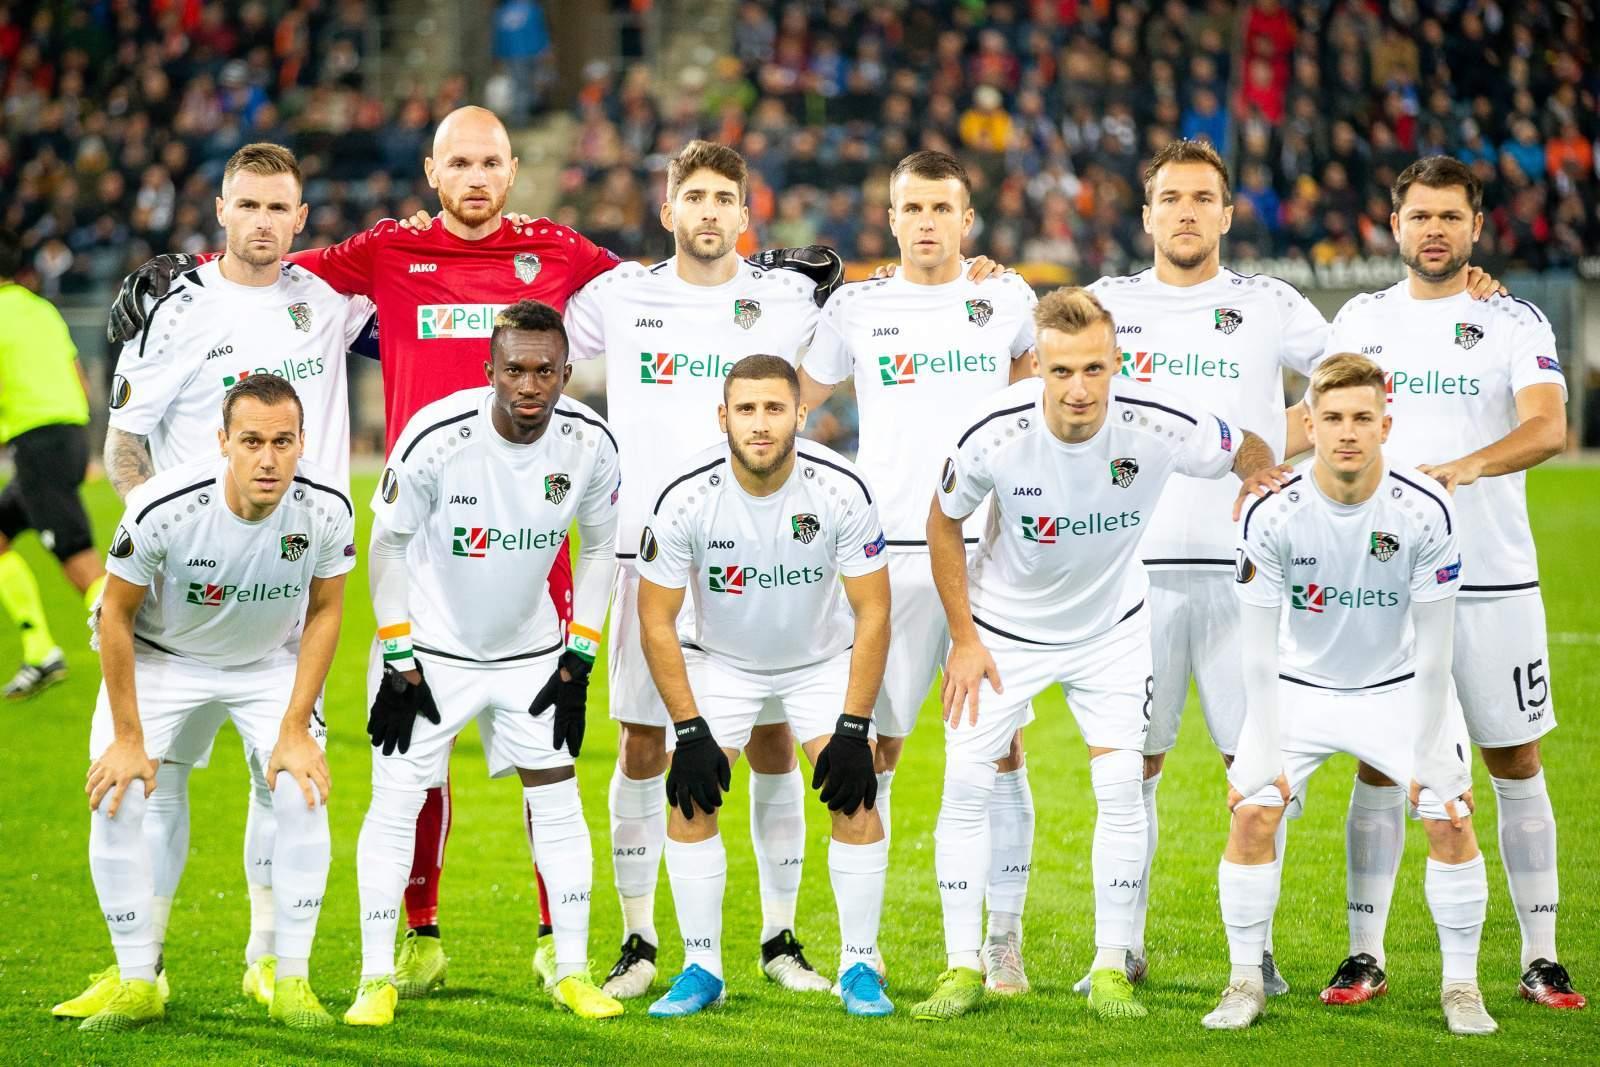 Президент «Вольфсбергера» постригся налысо после выхода команды в плей-офф Лиги Европы